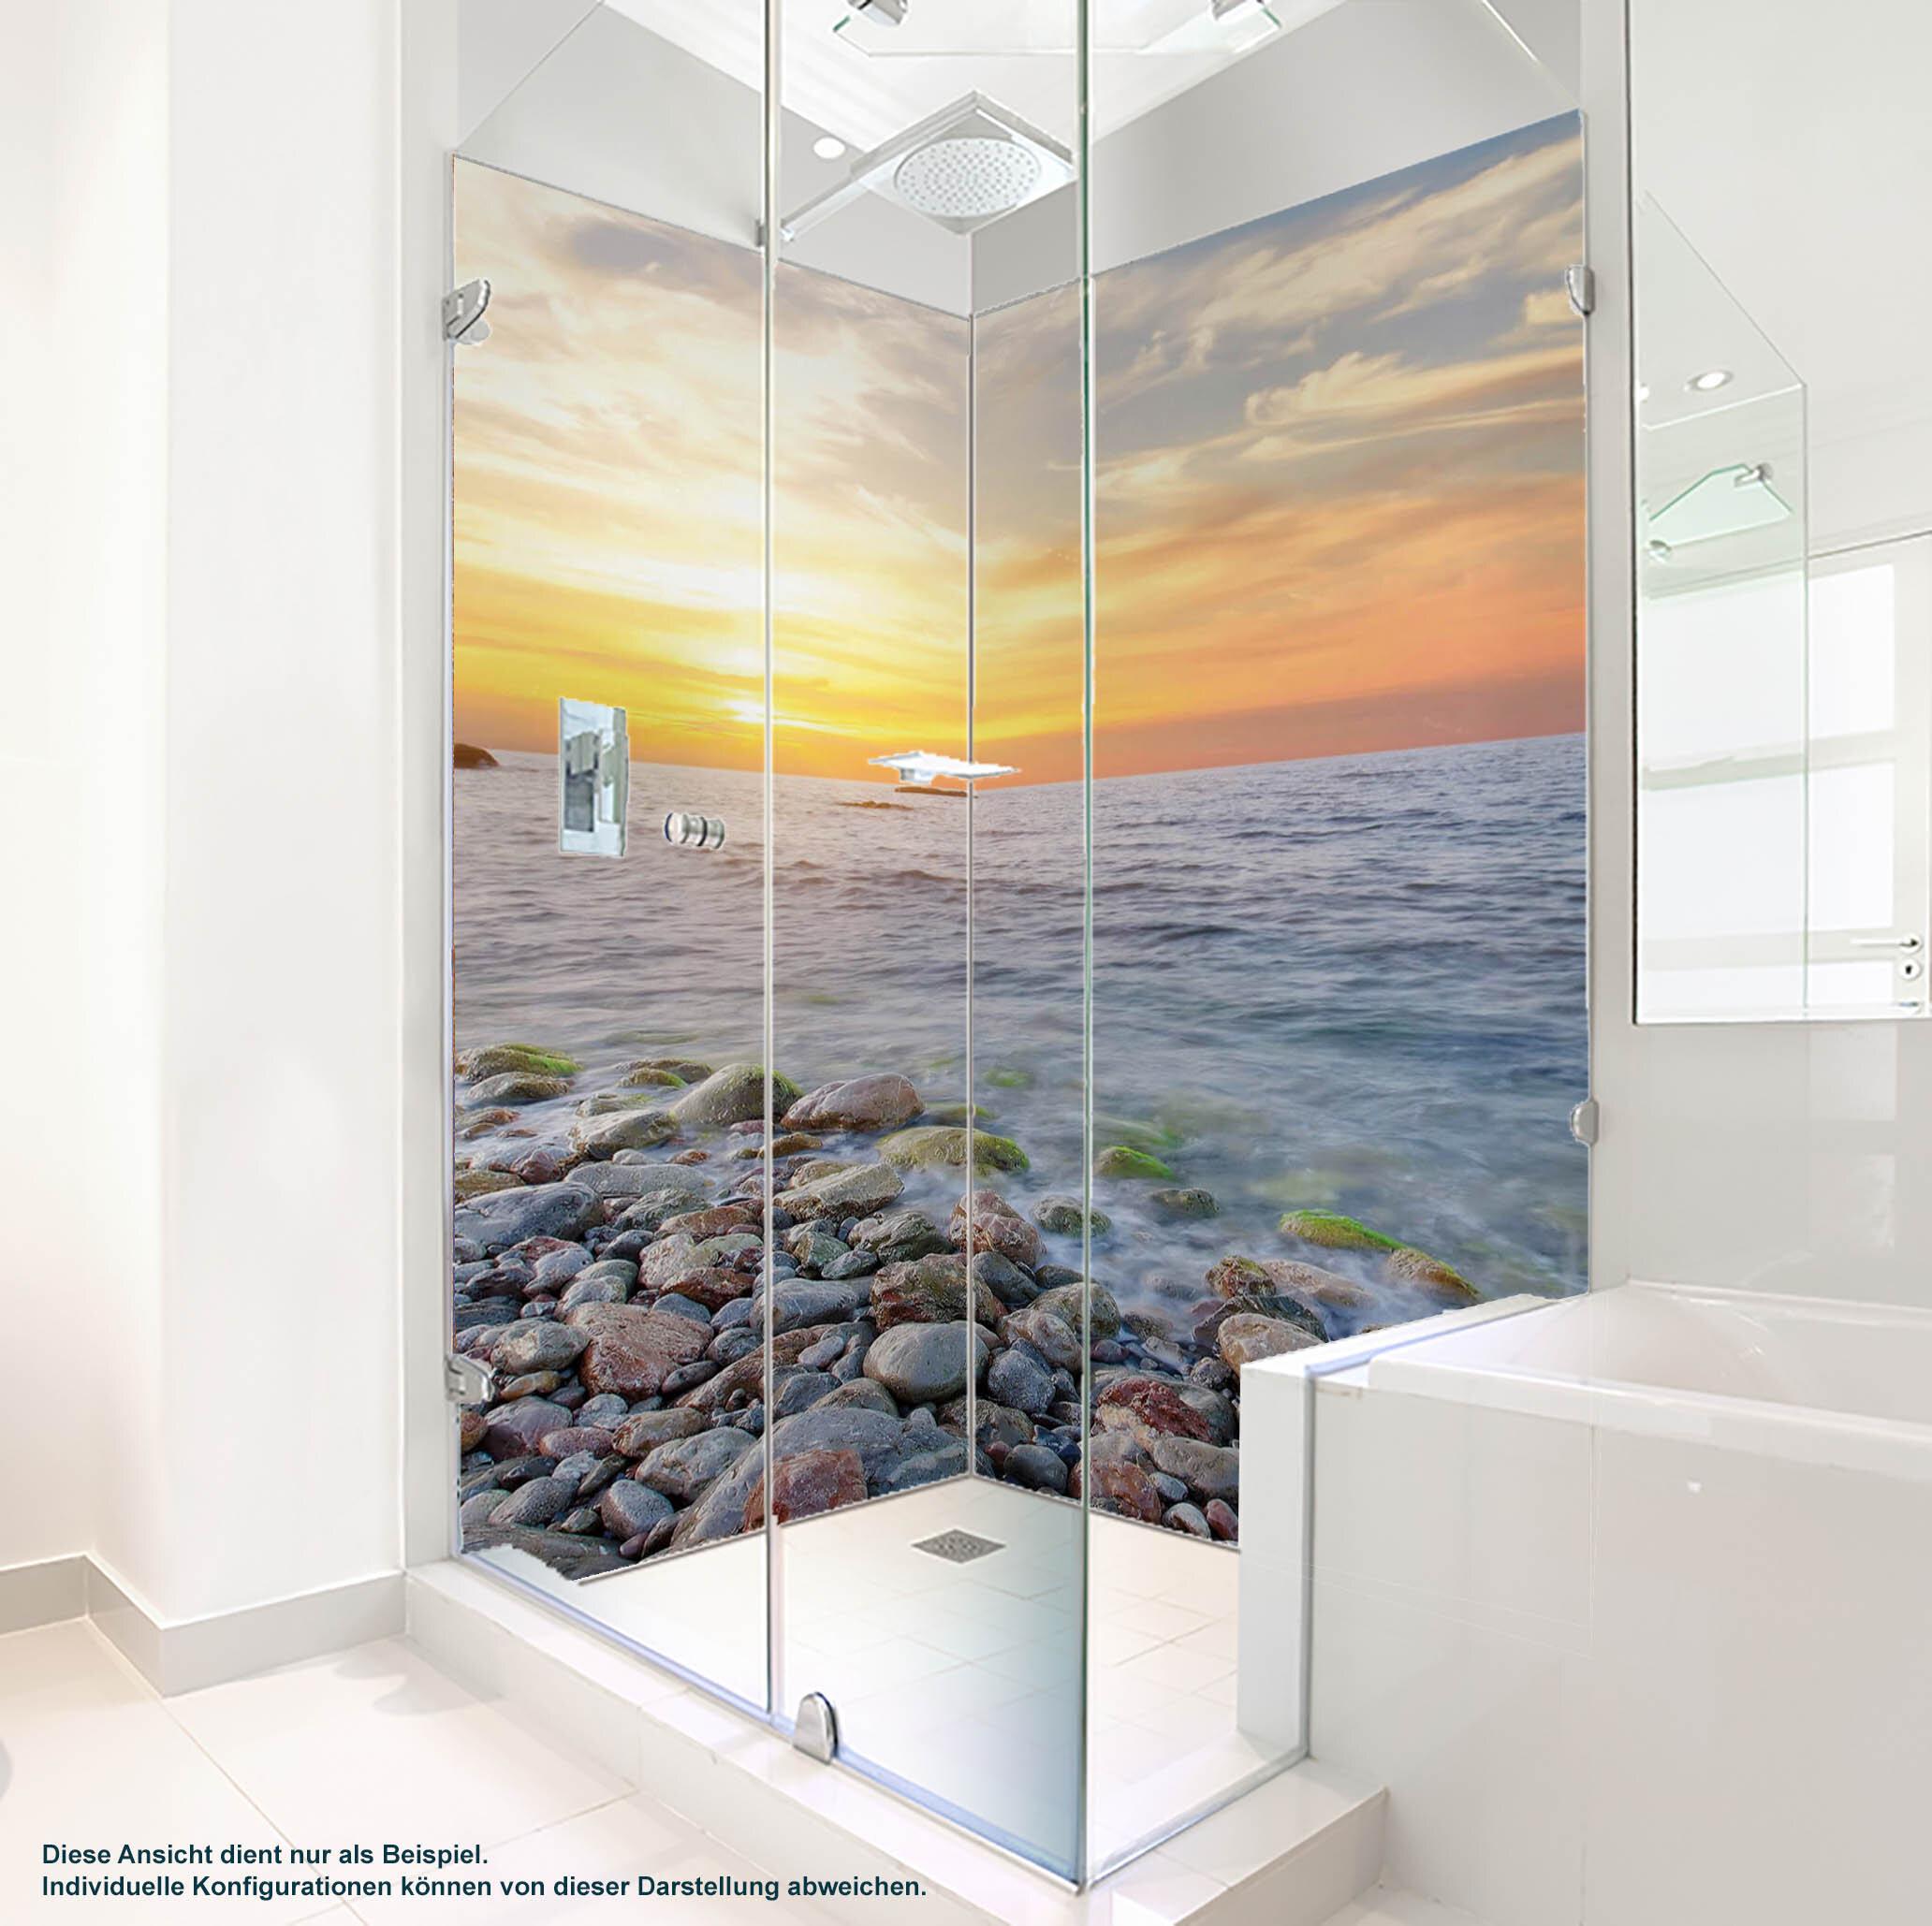 Dusche PlateART Duschrückwand mit Motiv Strand und Meer Ostsee Kies Strand